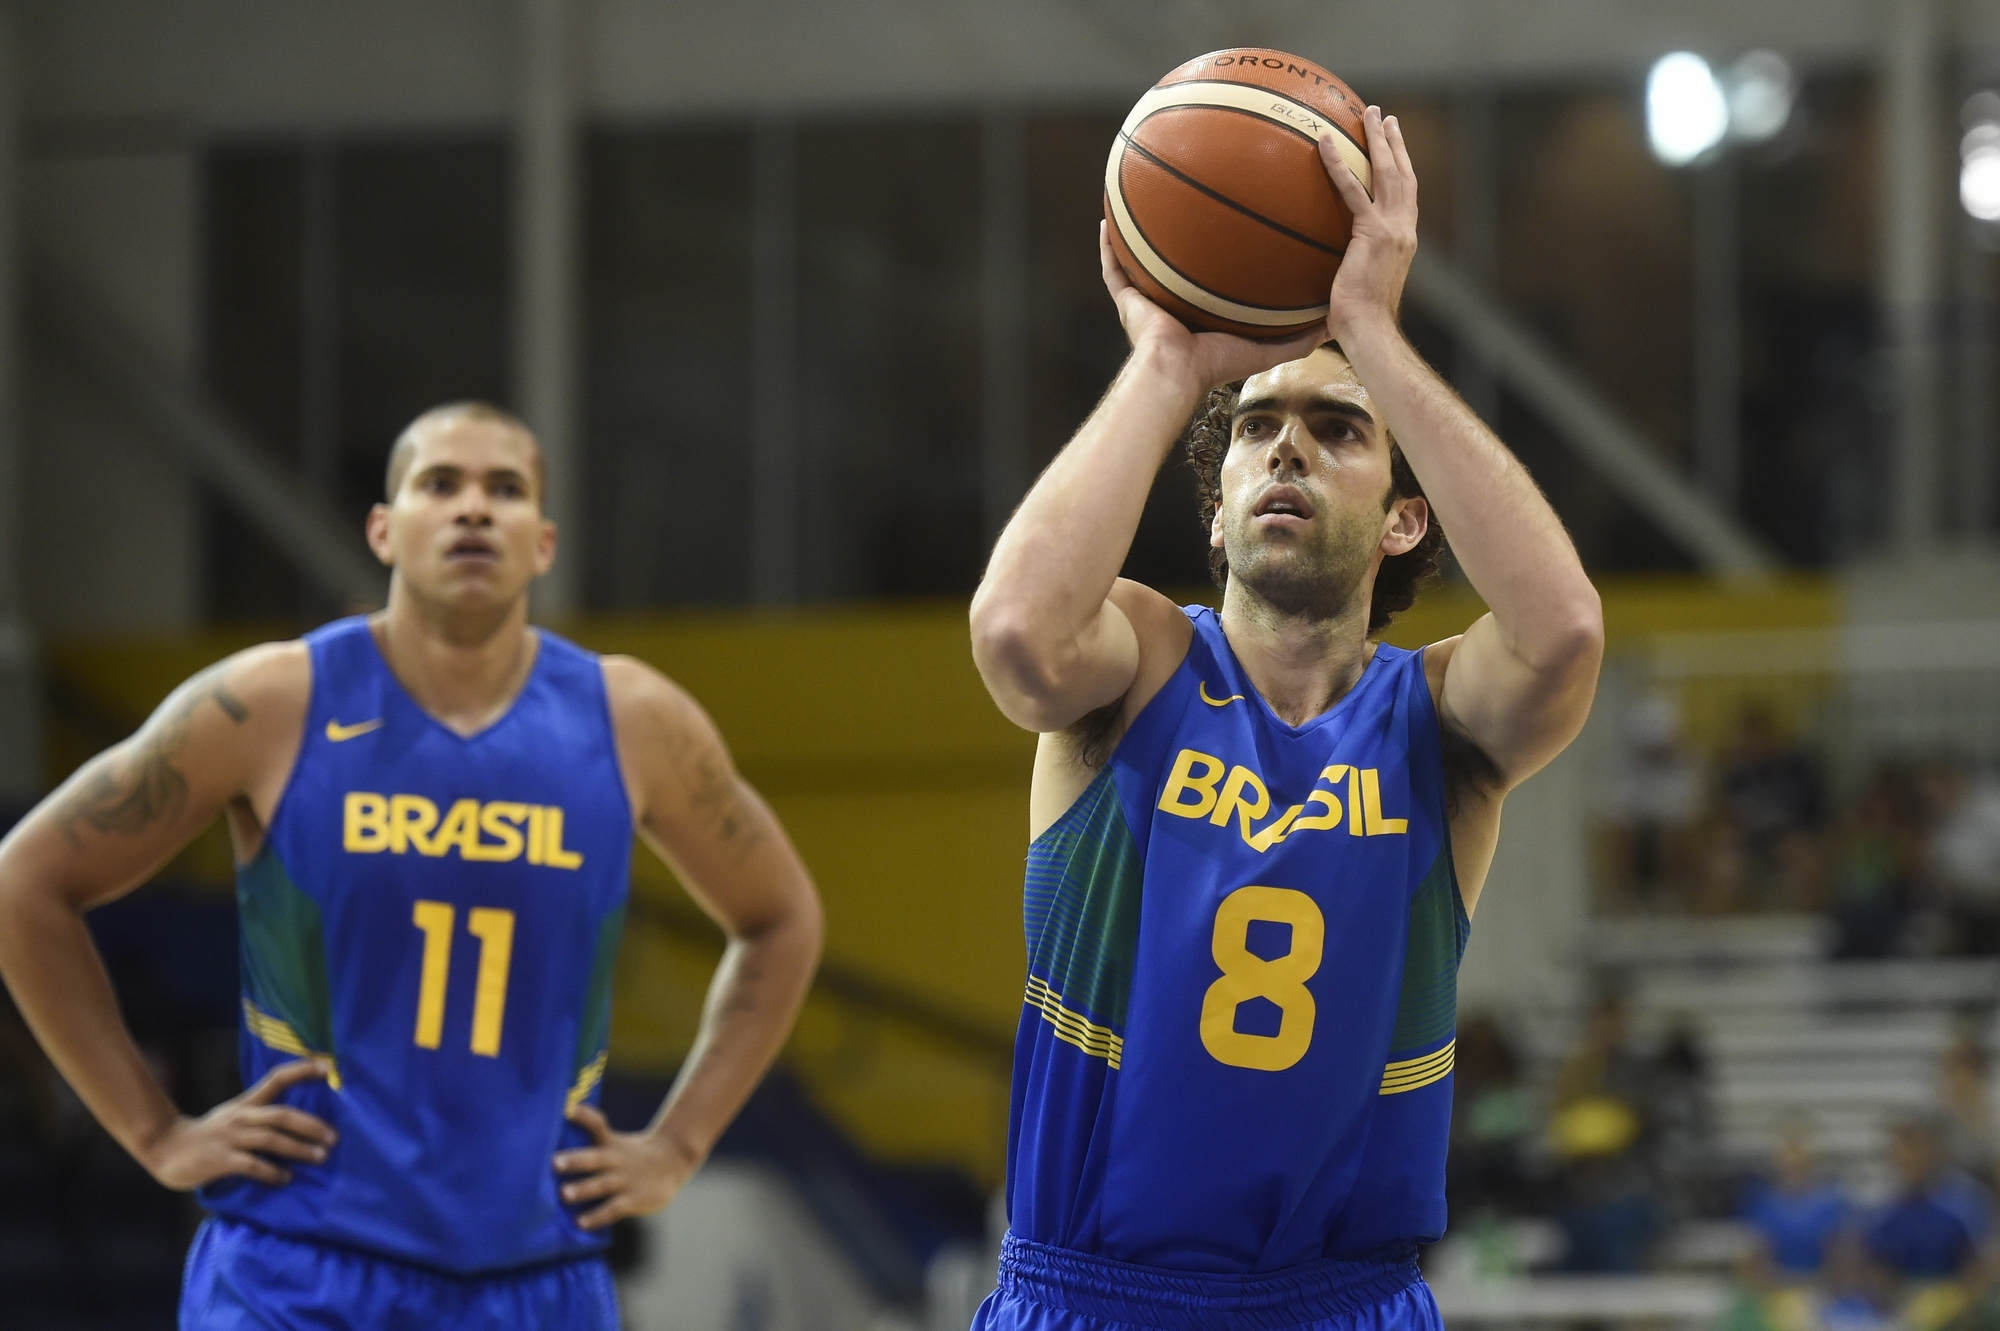 Dupla comanda vitória sobre EUA no basquete  Brasil avança em primeiro 72ea4b4fca486